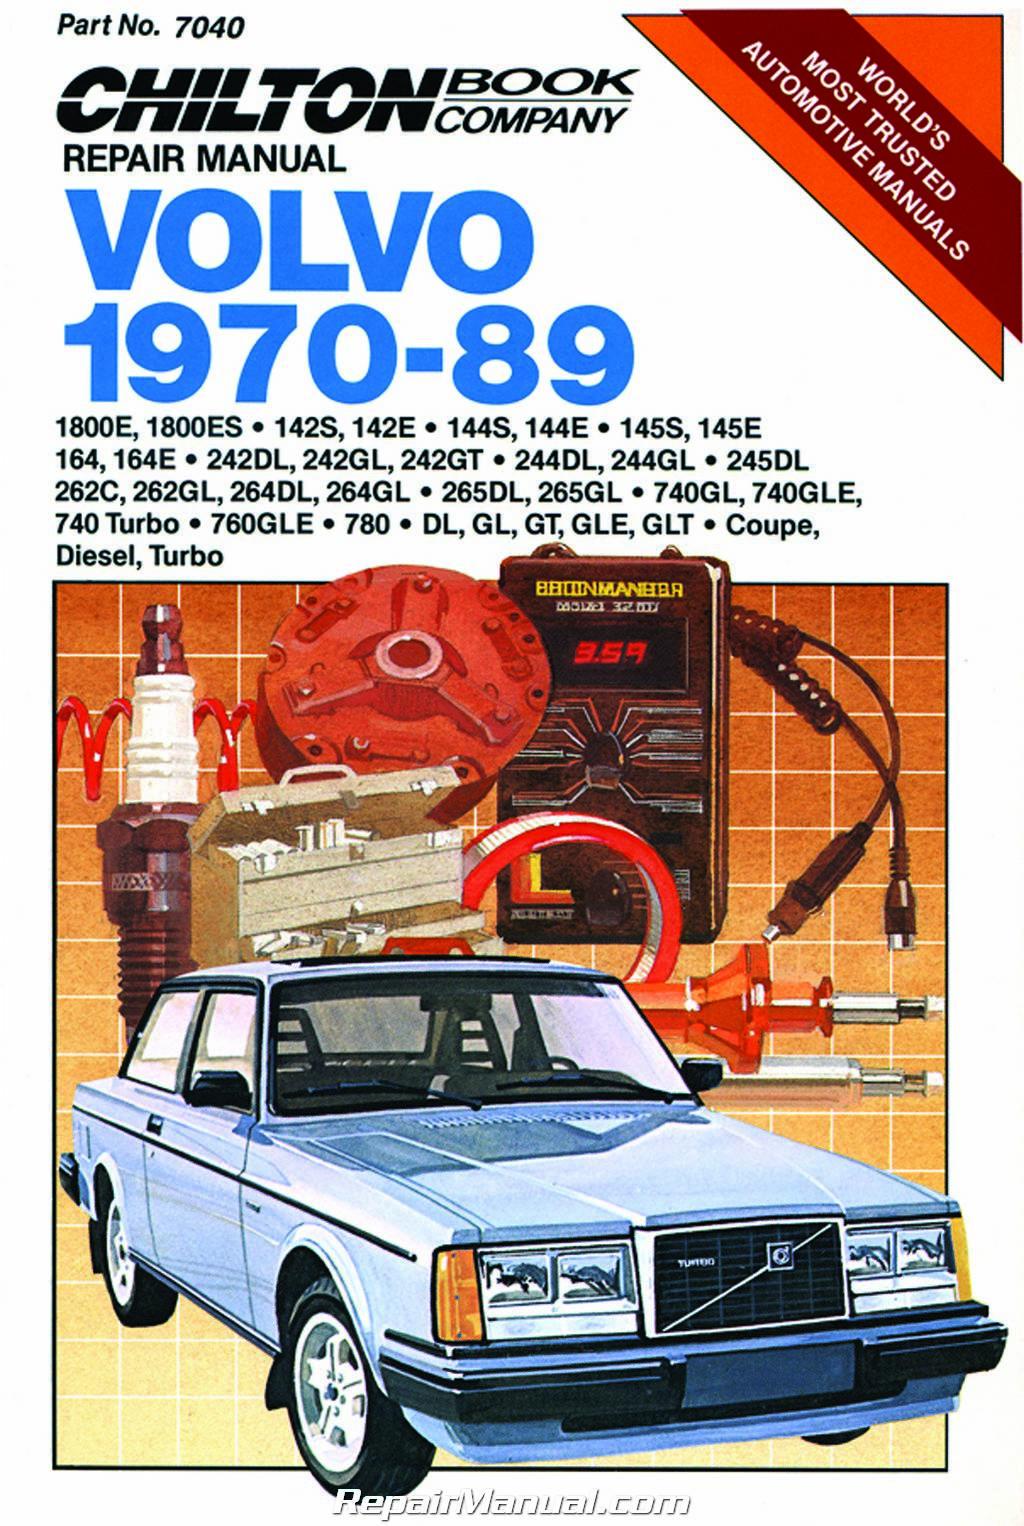 Chilton Volvo 1970